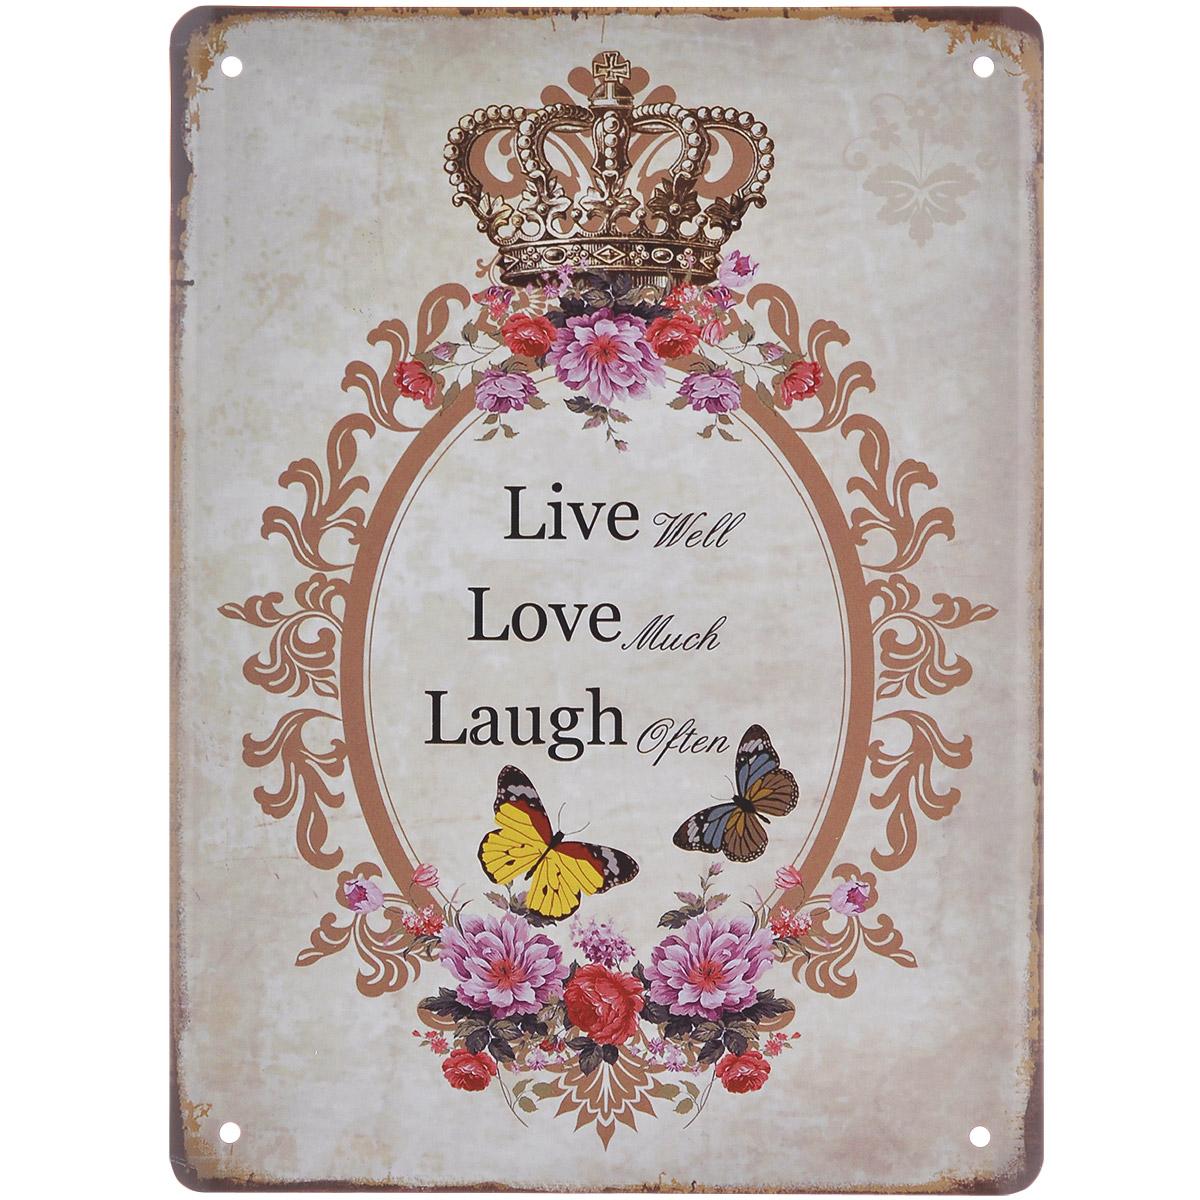 Постер Феникс-презент Для королевы, 15 см х 20 см37445Постер Феникс-презент Для королевы выполнен из черного металла. На постере изображены корона, цветы, бабочки и текст Live Well Love Much Laugh Often. Постер заинтересует всех любителей оригинальных вещиц и доставит массу положительных эмоций своему обладателю. Картина для интерьера (постер) - современное и актуальное направление в дизайне любых помещений. Постер может использоваться для оформления любых интерьеров: - дом, квартира (гостиная, спальня, кухня, прихожая, детская); - офис (комната переговоров, холл, кабинет); - бар, кафе, ресторан или гостиница. Из мелочей складывается стиль интерьера. Постер Феникс-презент Для королевы одна из тех деталей, которые придают интерьеру обжитой вид и создают ощущение уюта.